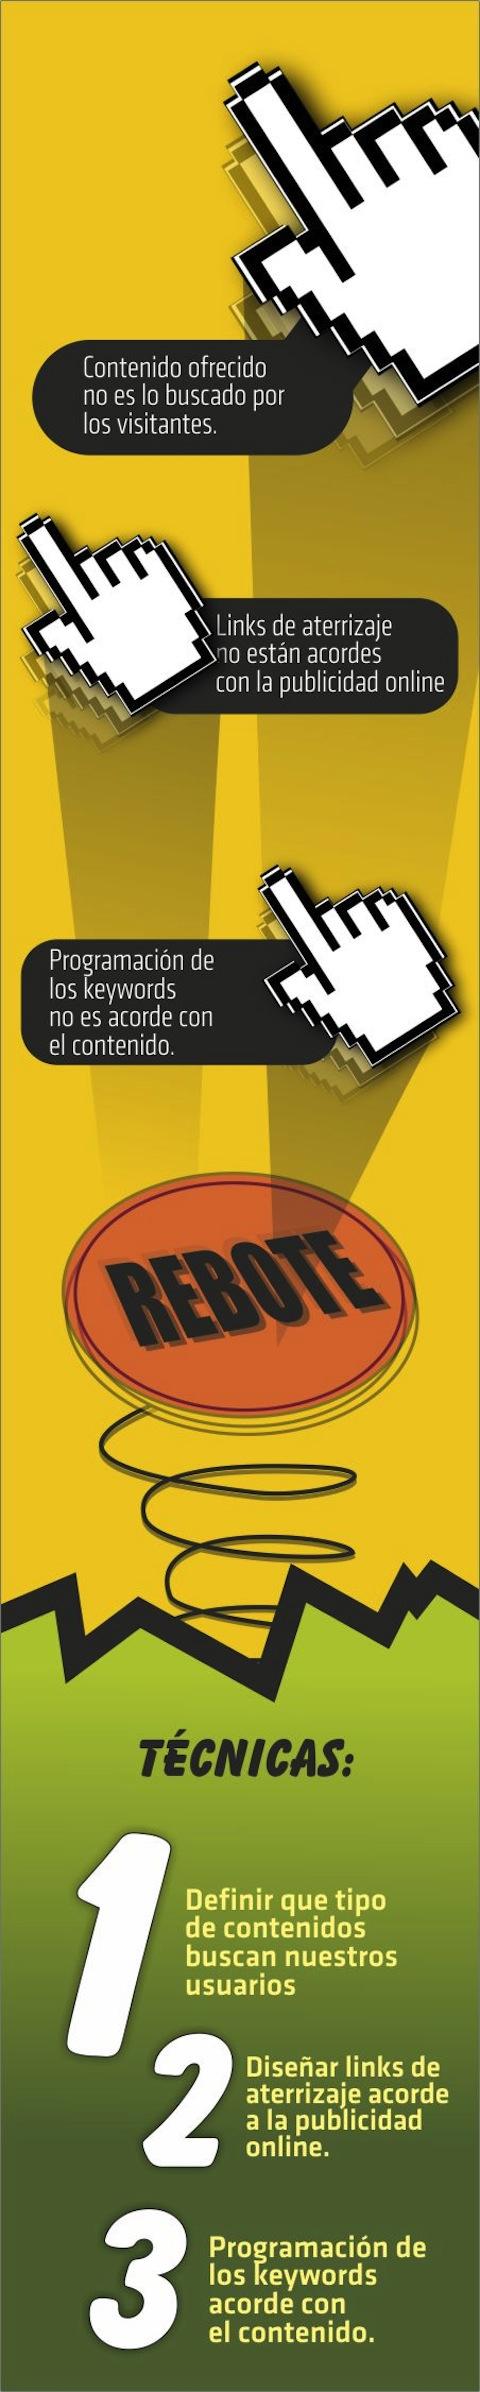 rebote-web